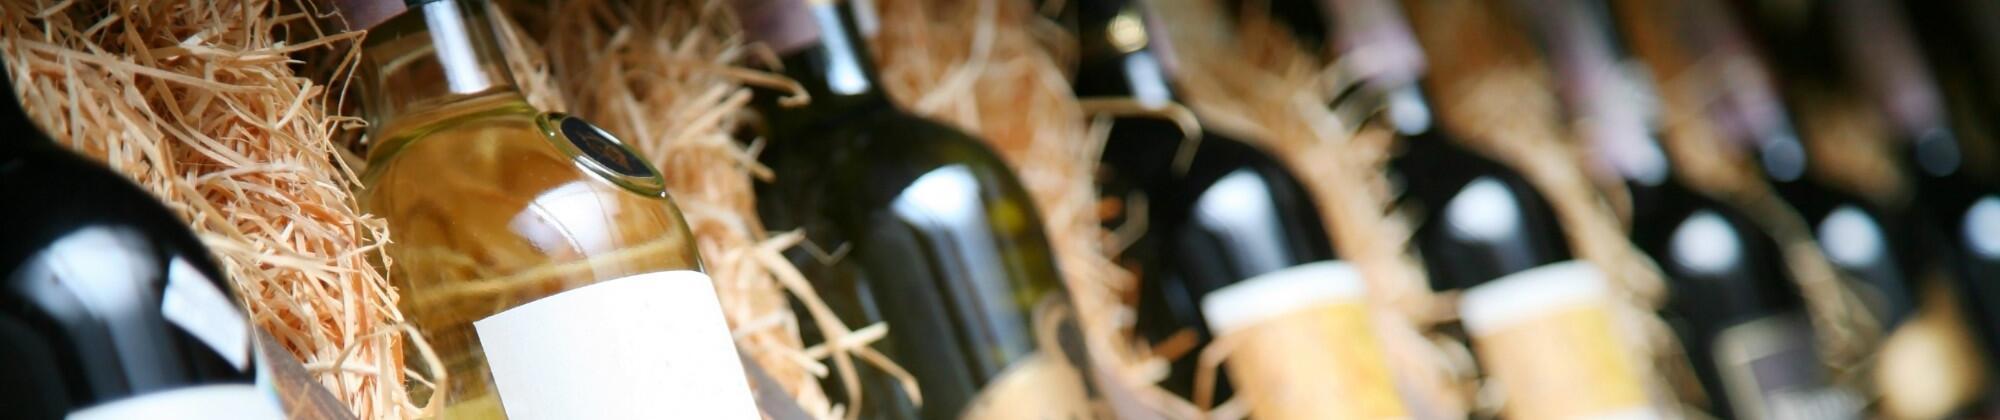 Vini Salentini: i vini più apprezzati del Salento